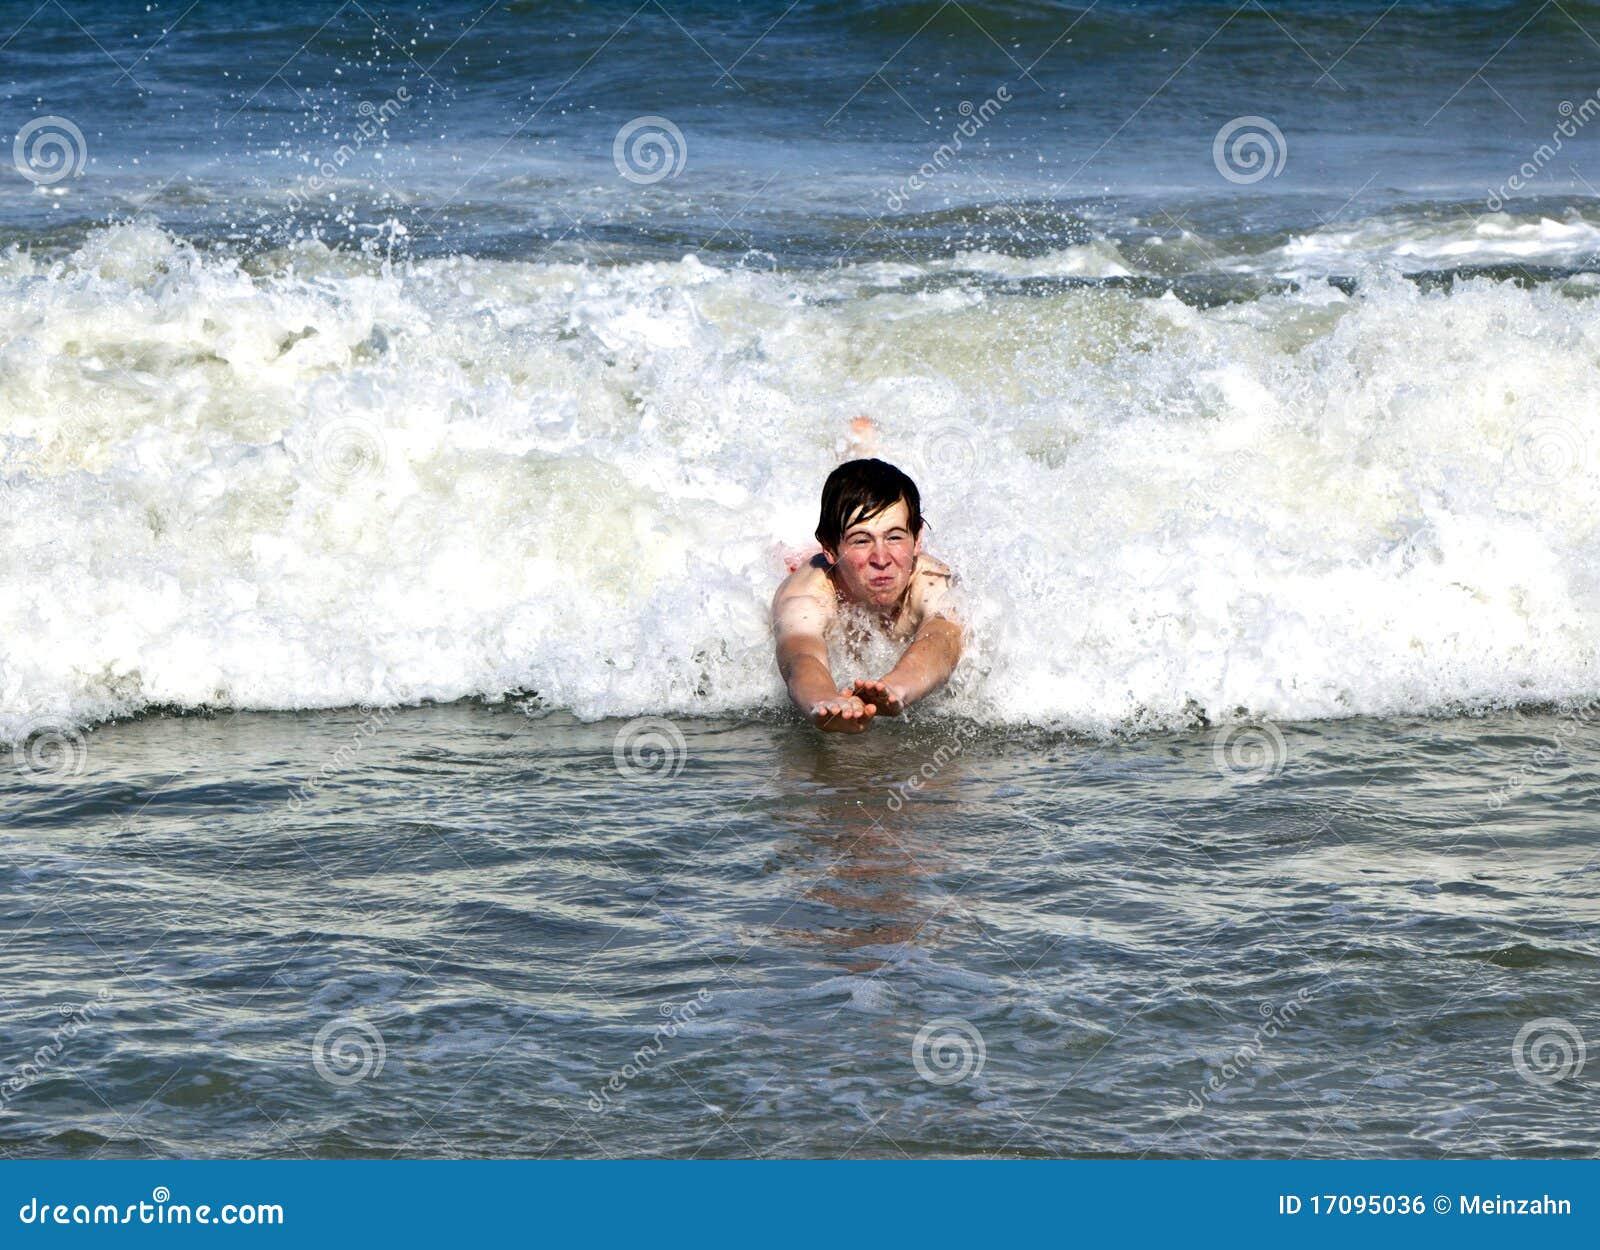 Ciała chłopiec surfing macha potomstwa